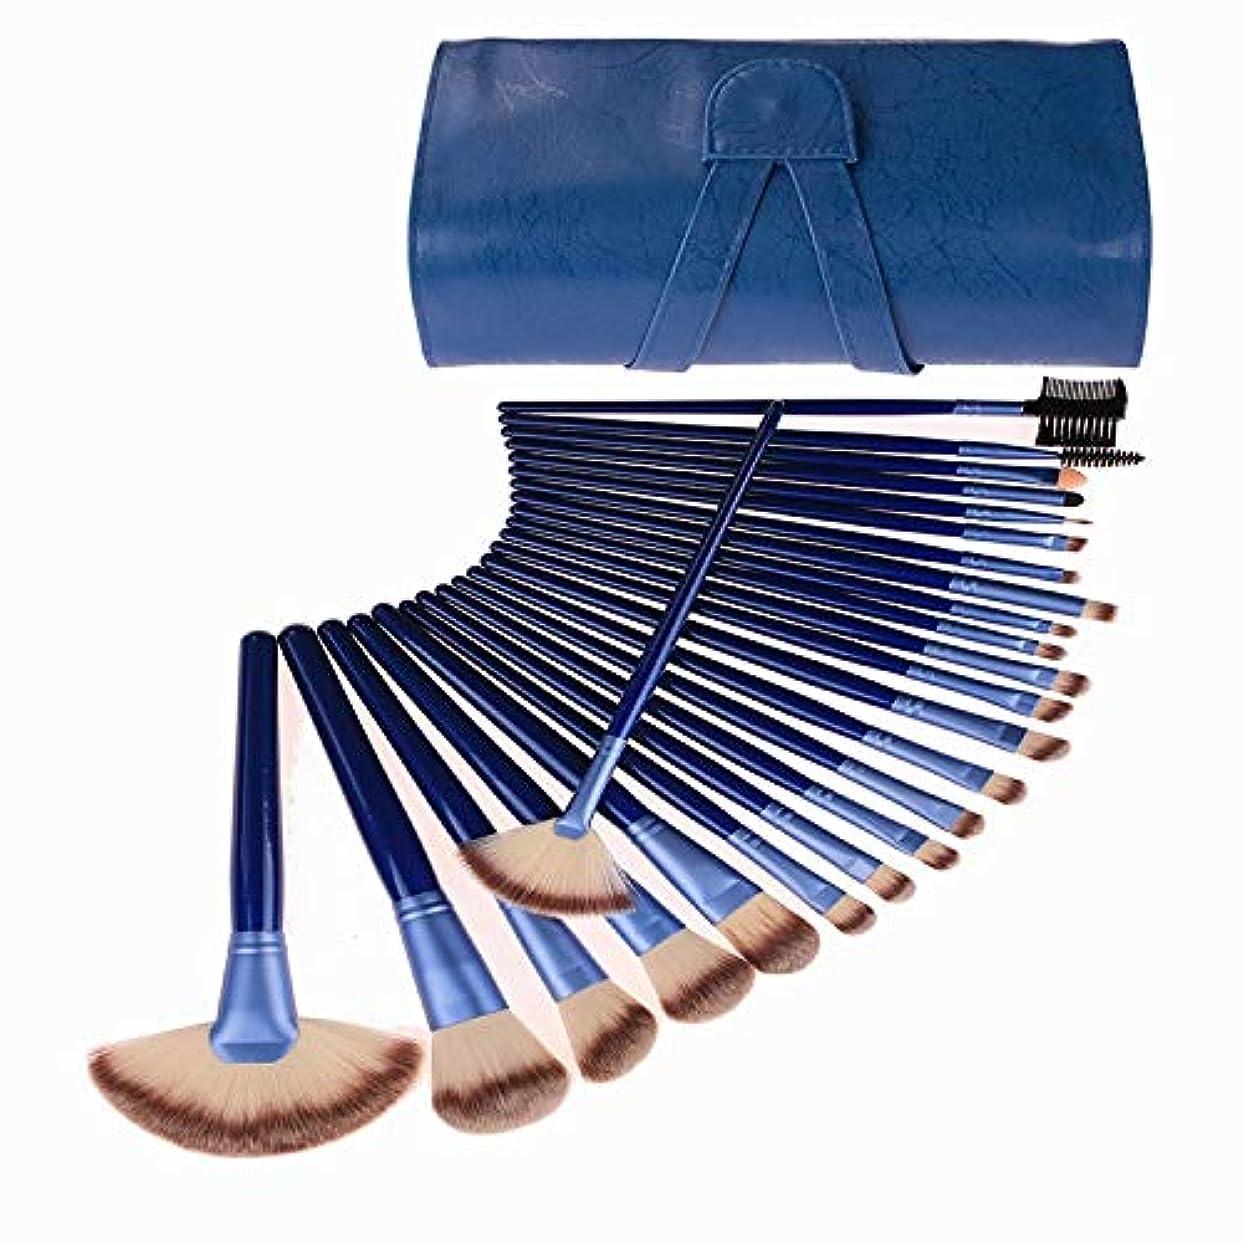 地域地中海果てしない化粧ブラシスタートメーカー24個天然竹化粧ブラシセットビーガンプロ化粧品歌舞伎ブラシ化粧ブラシセット非常に柔らかい化粧ブラシセット美容スポンジ (Color : Blue)